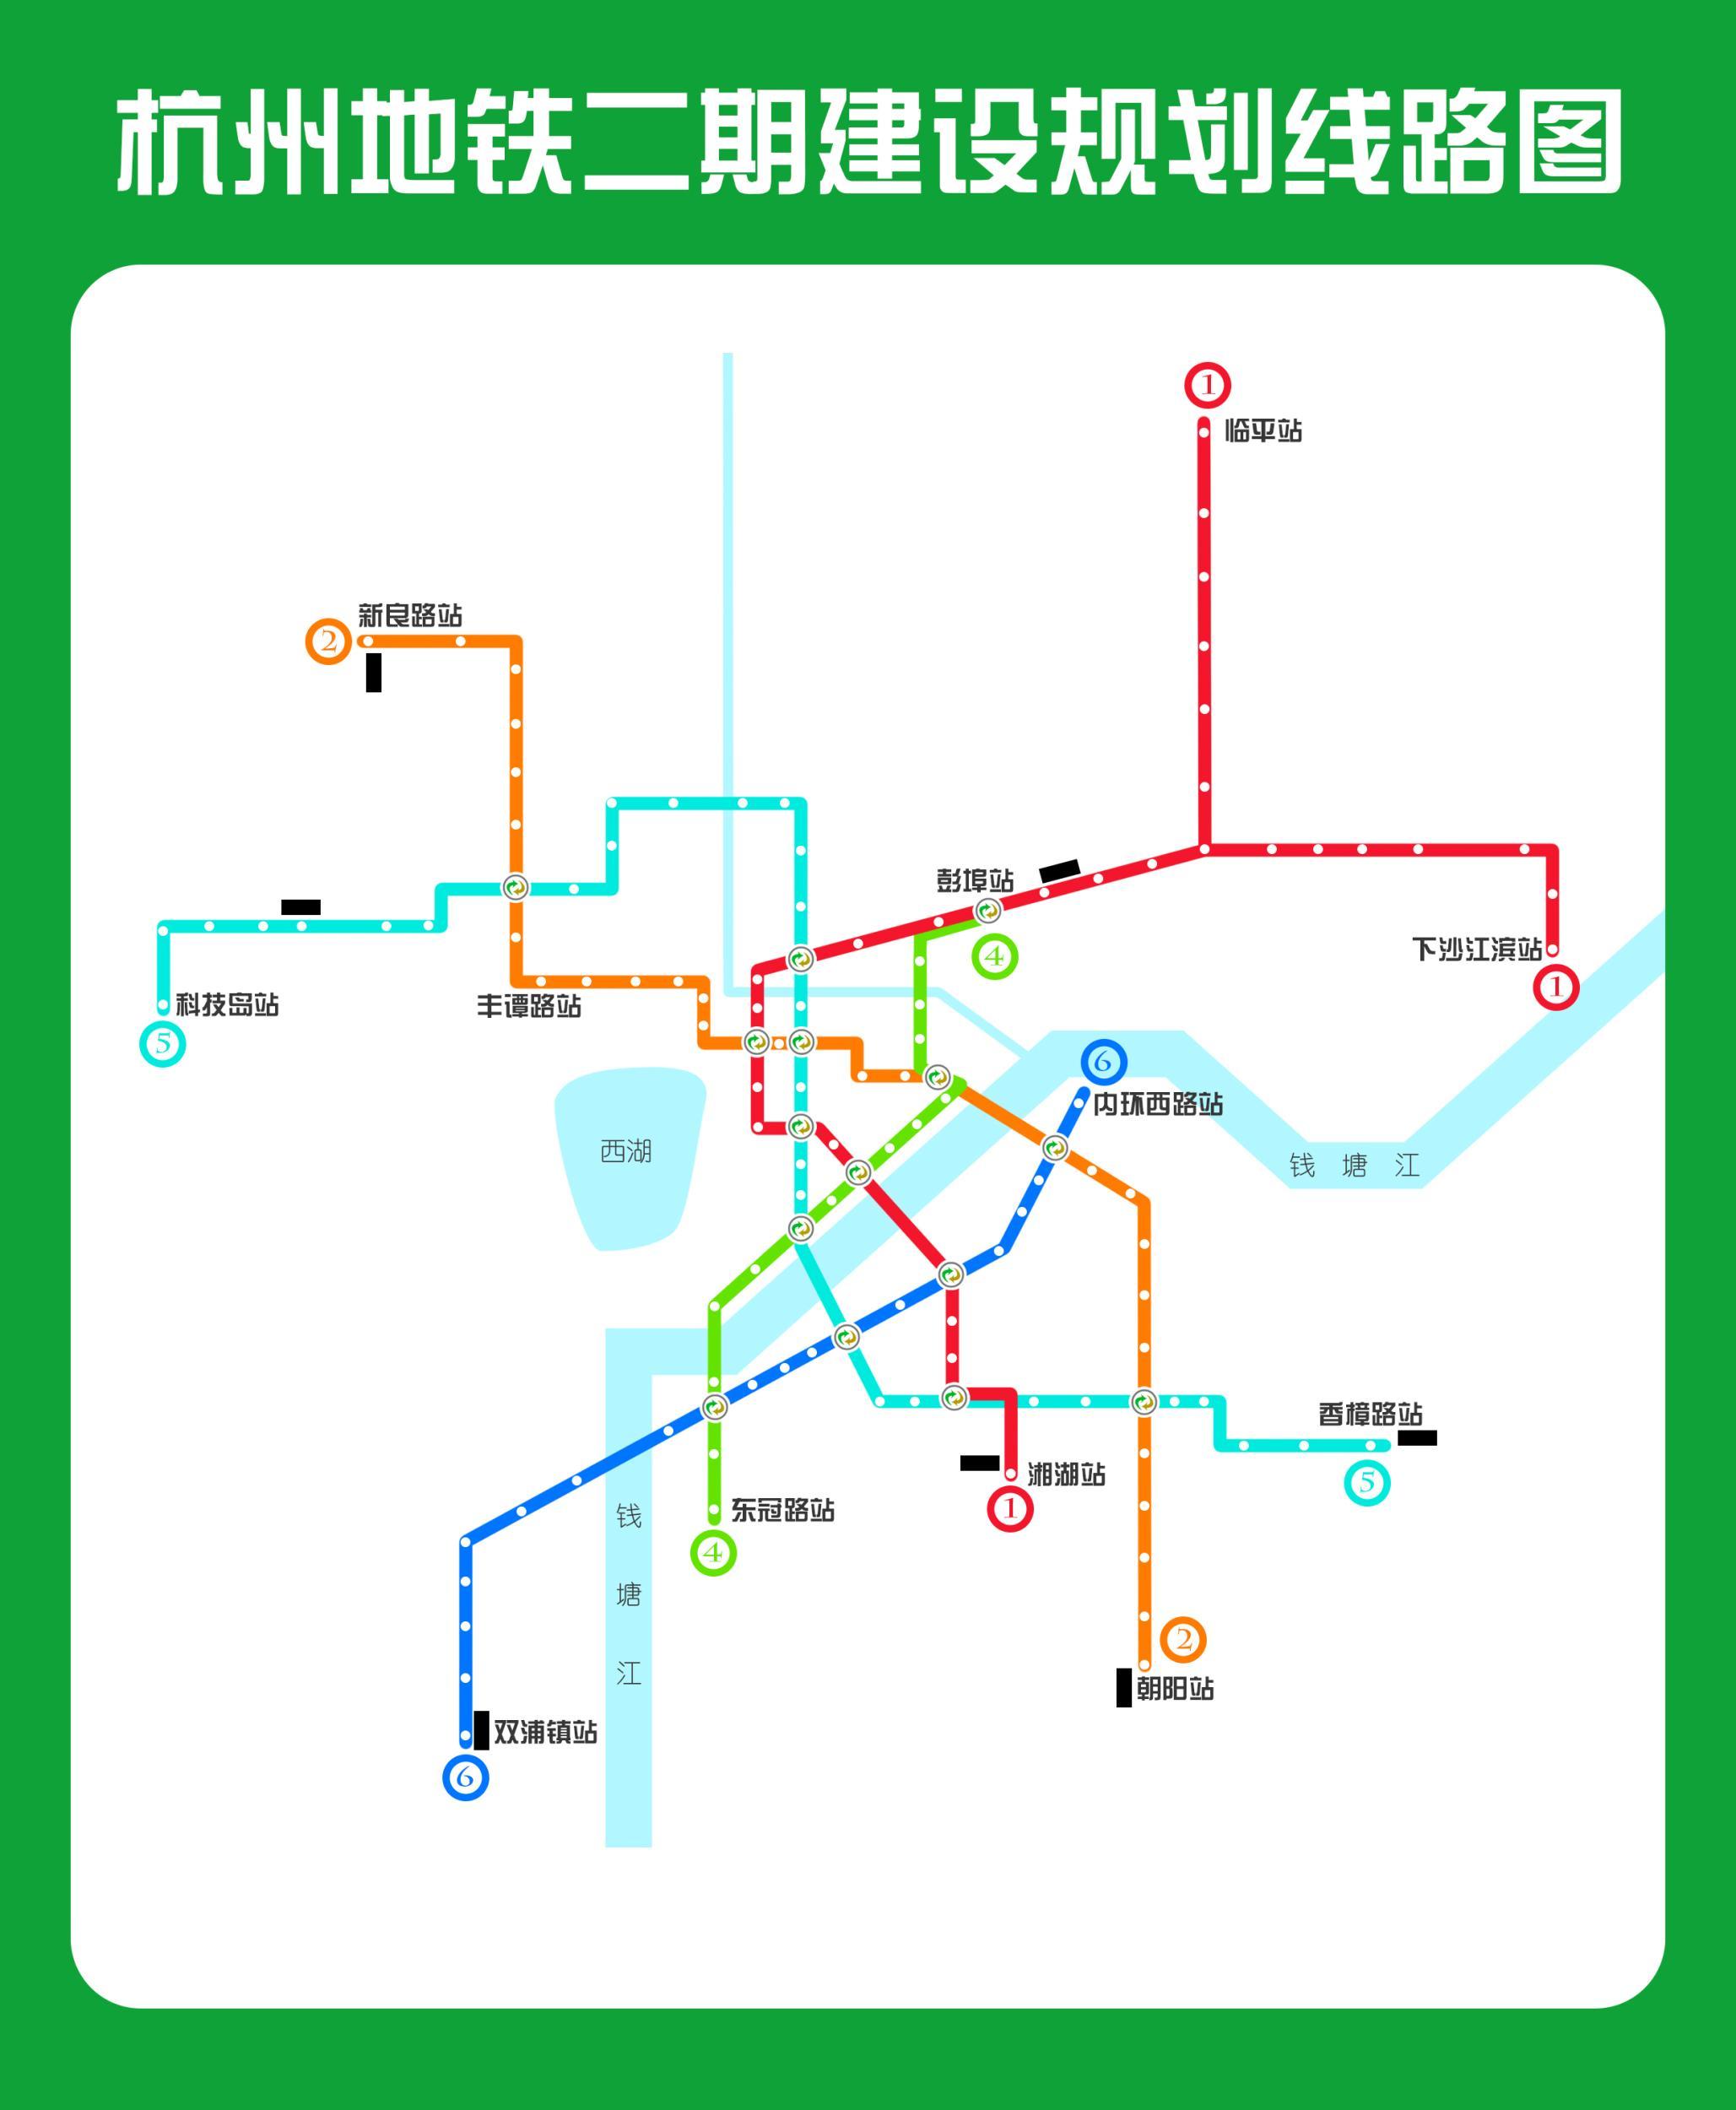 未来五年杭州地铁规划图-小清新的4号线来了 杭州地铁首次成网未来5